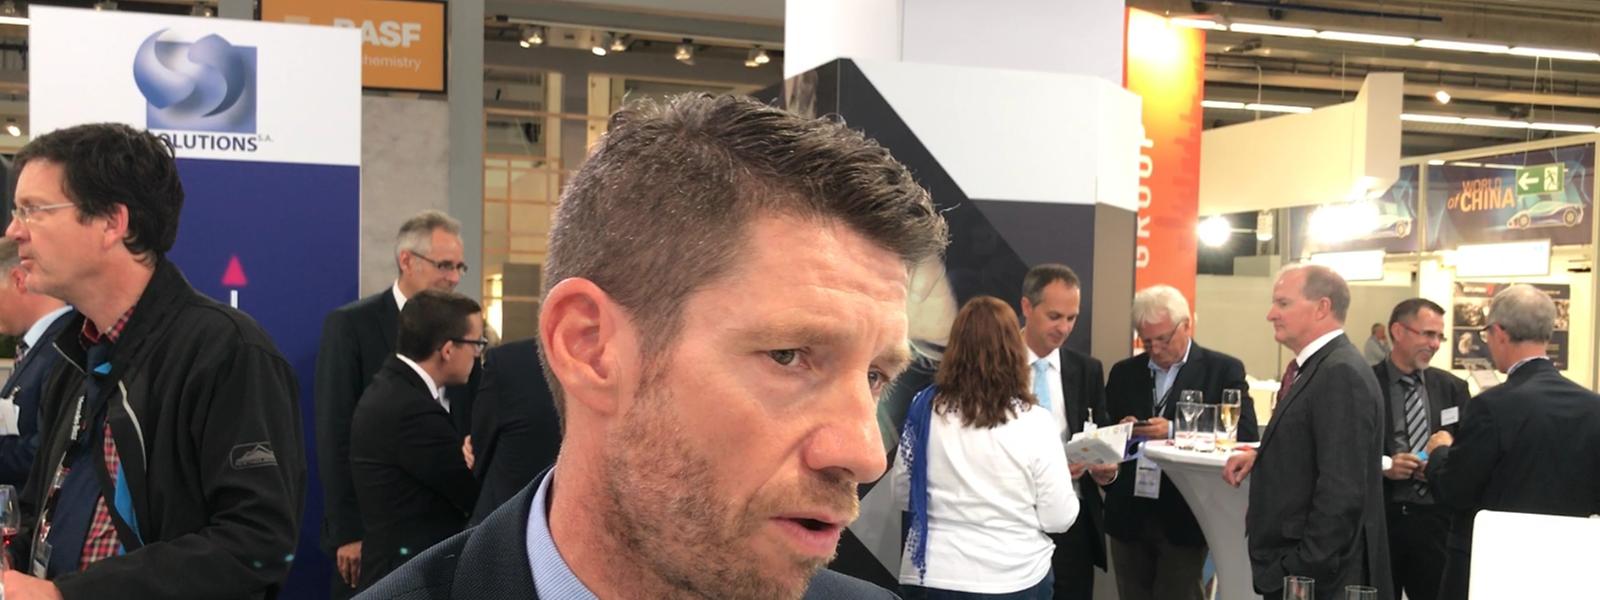 Der Niederländer Joost Ortjens war bis zum Frühjahr 2017 Manager des luxemburgischen Automobilclusters und arbeitetet nun als Sektorverantwortlicher bei der Agentur Luxinnovation in Esch-Belval.